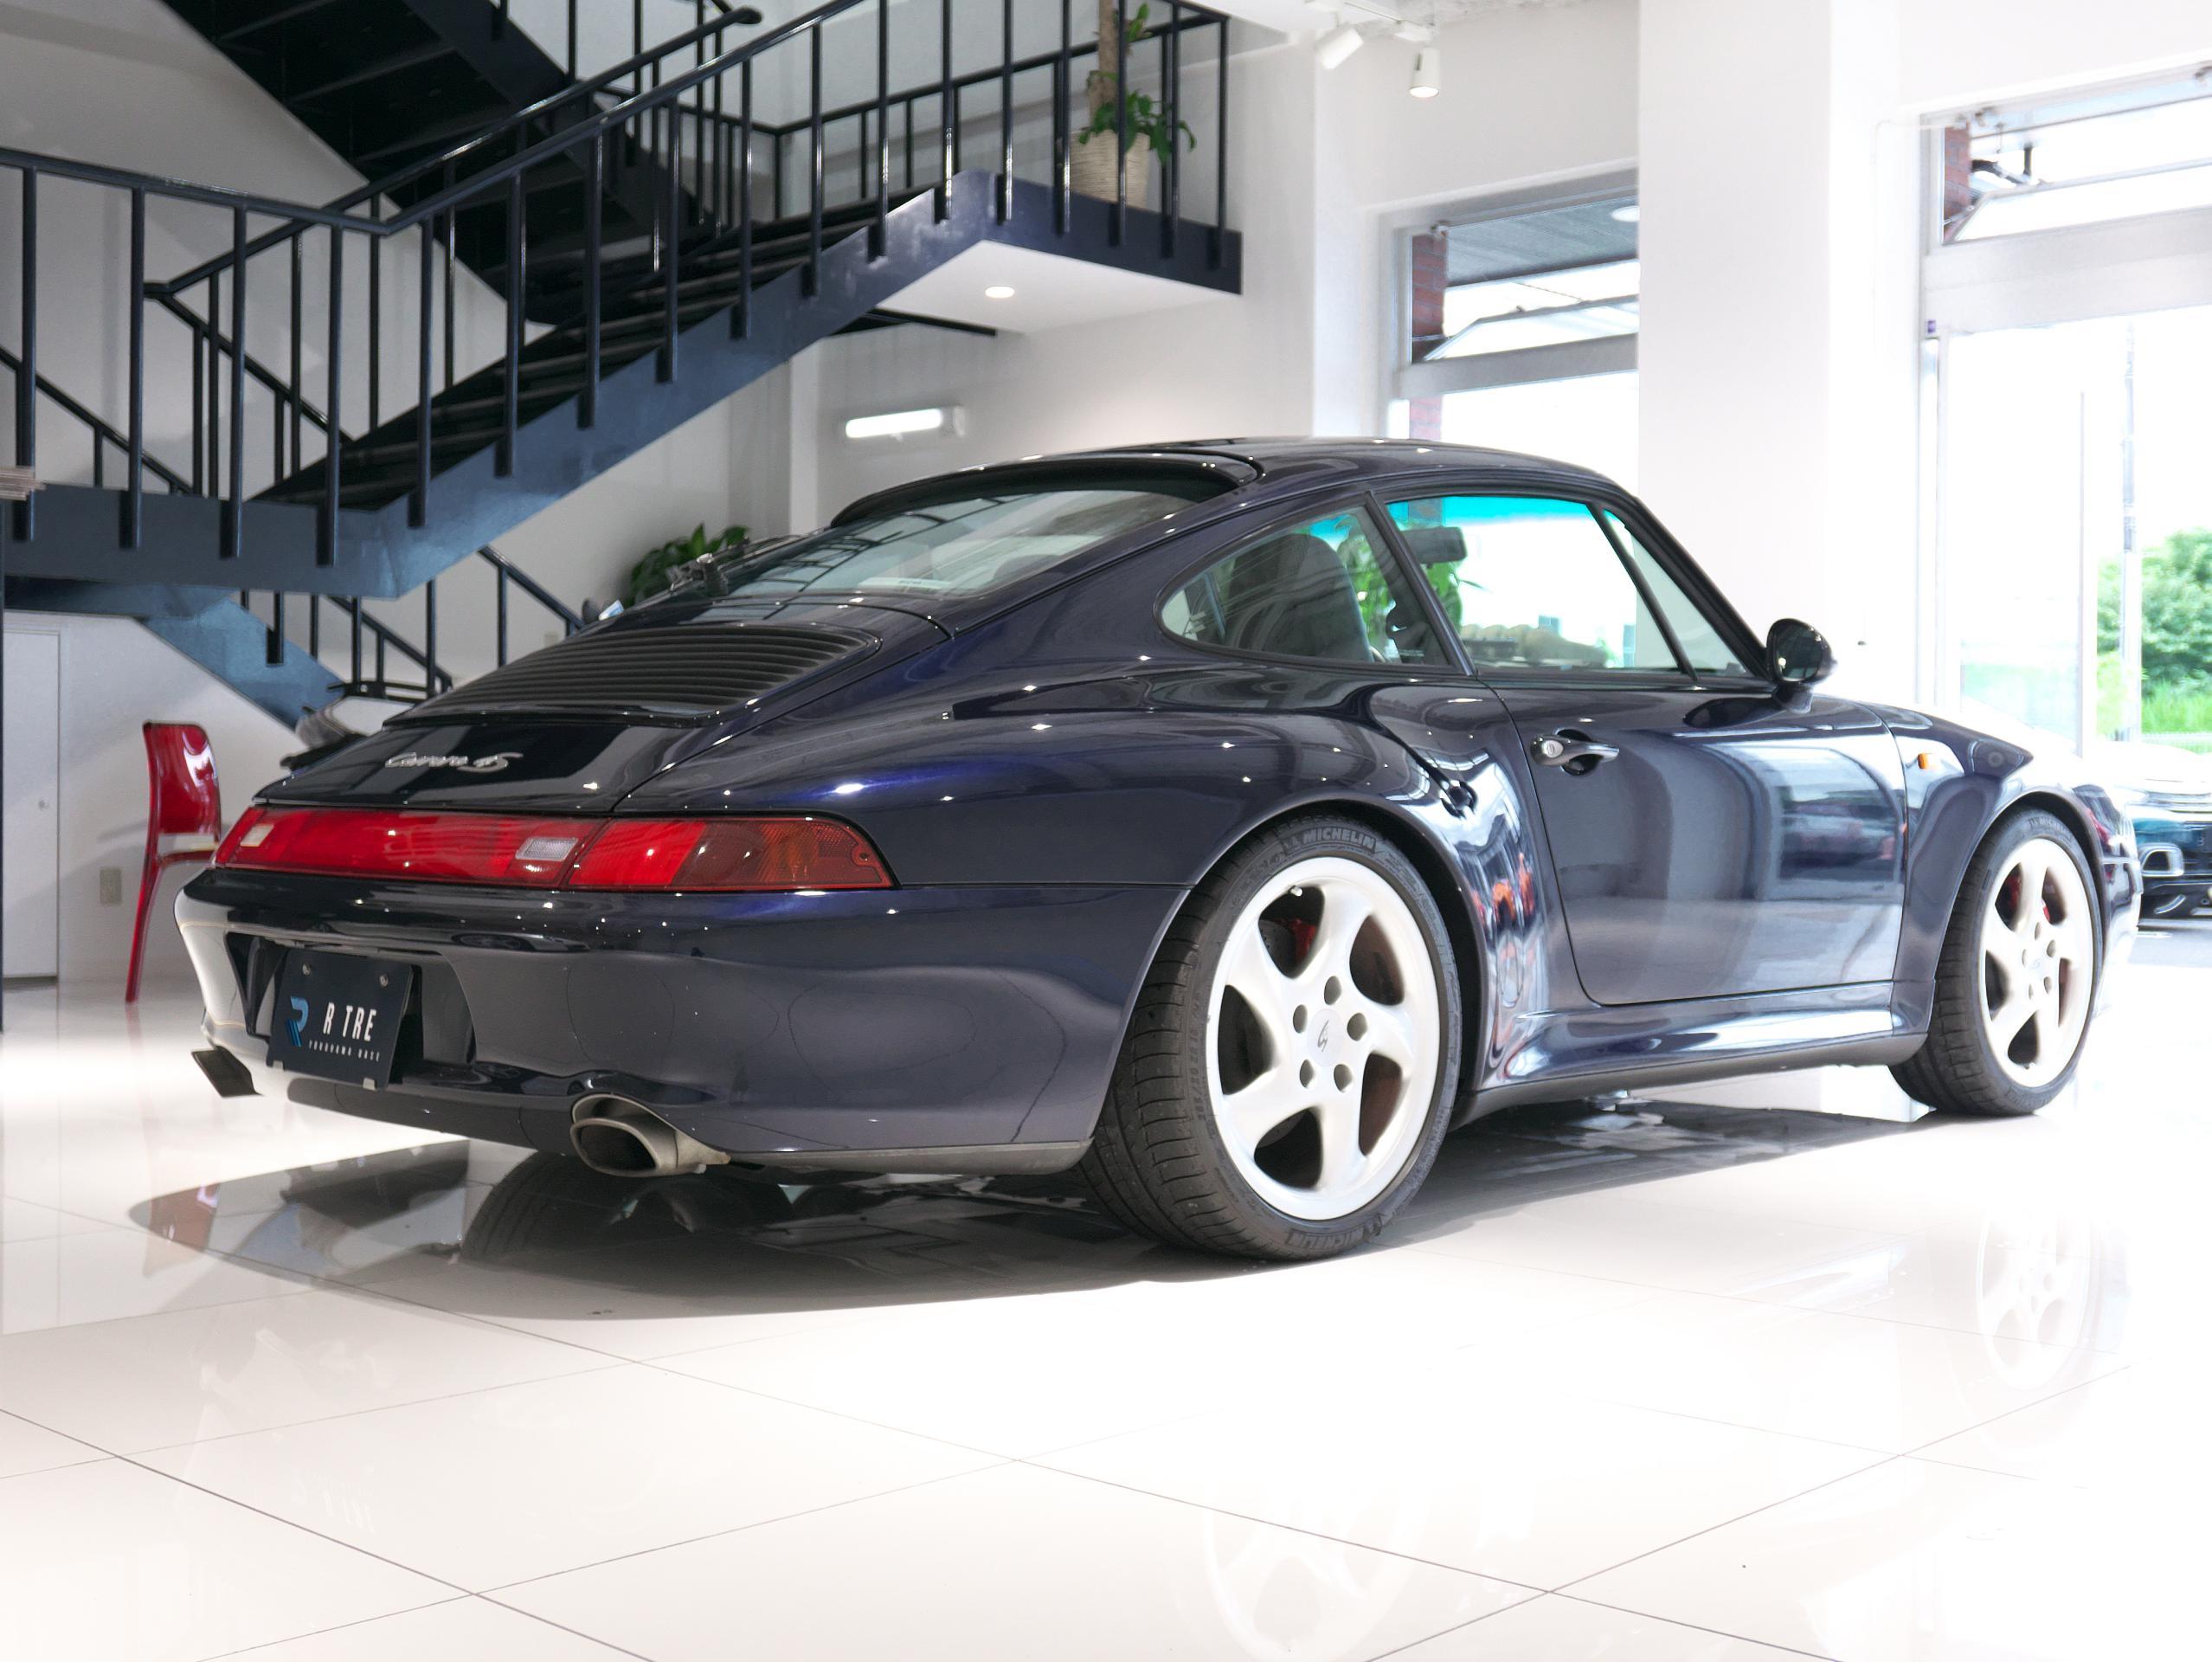 ポルシェ 911 カレラ4S 993 右リア